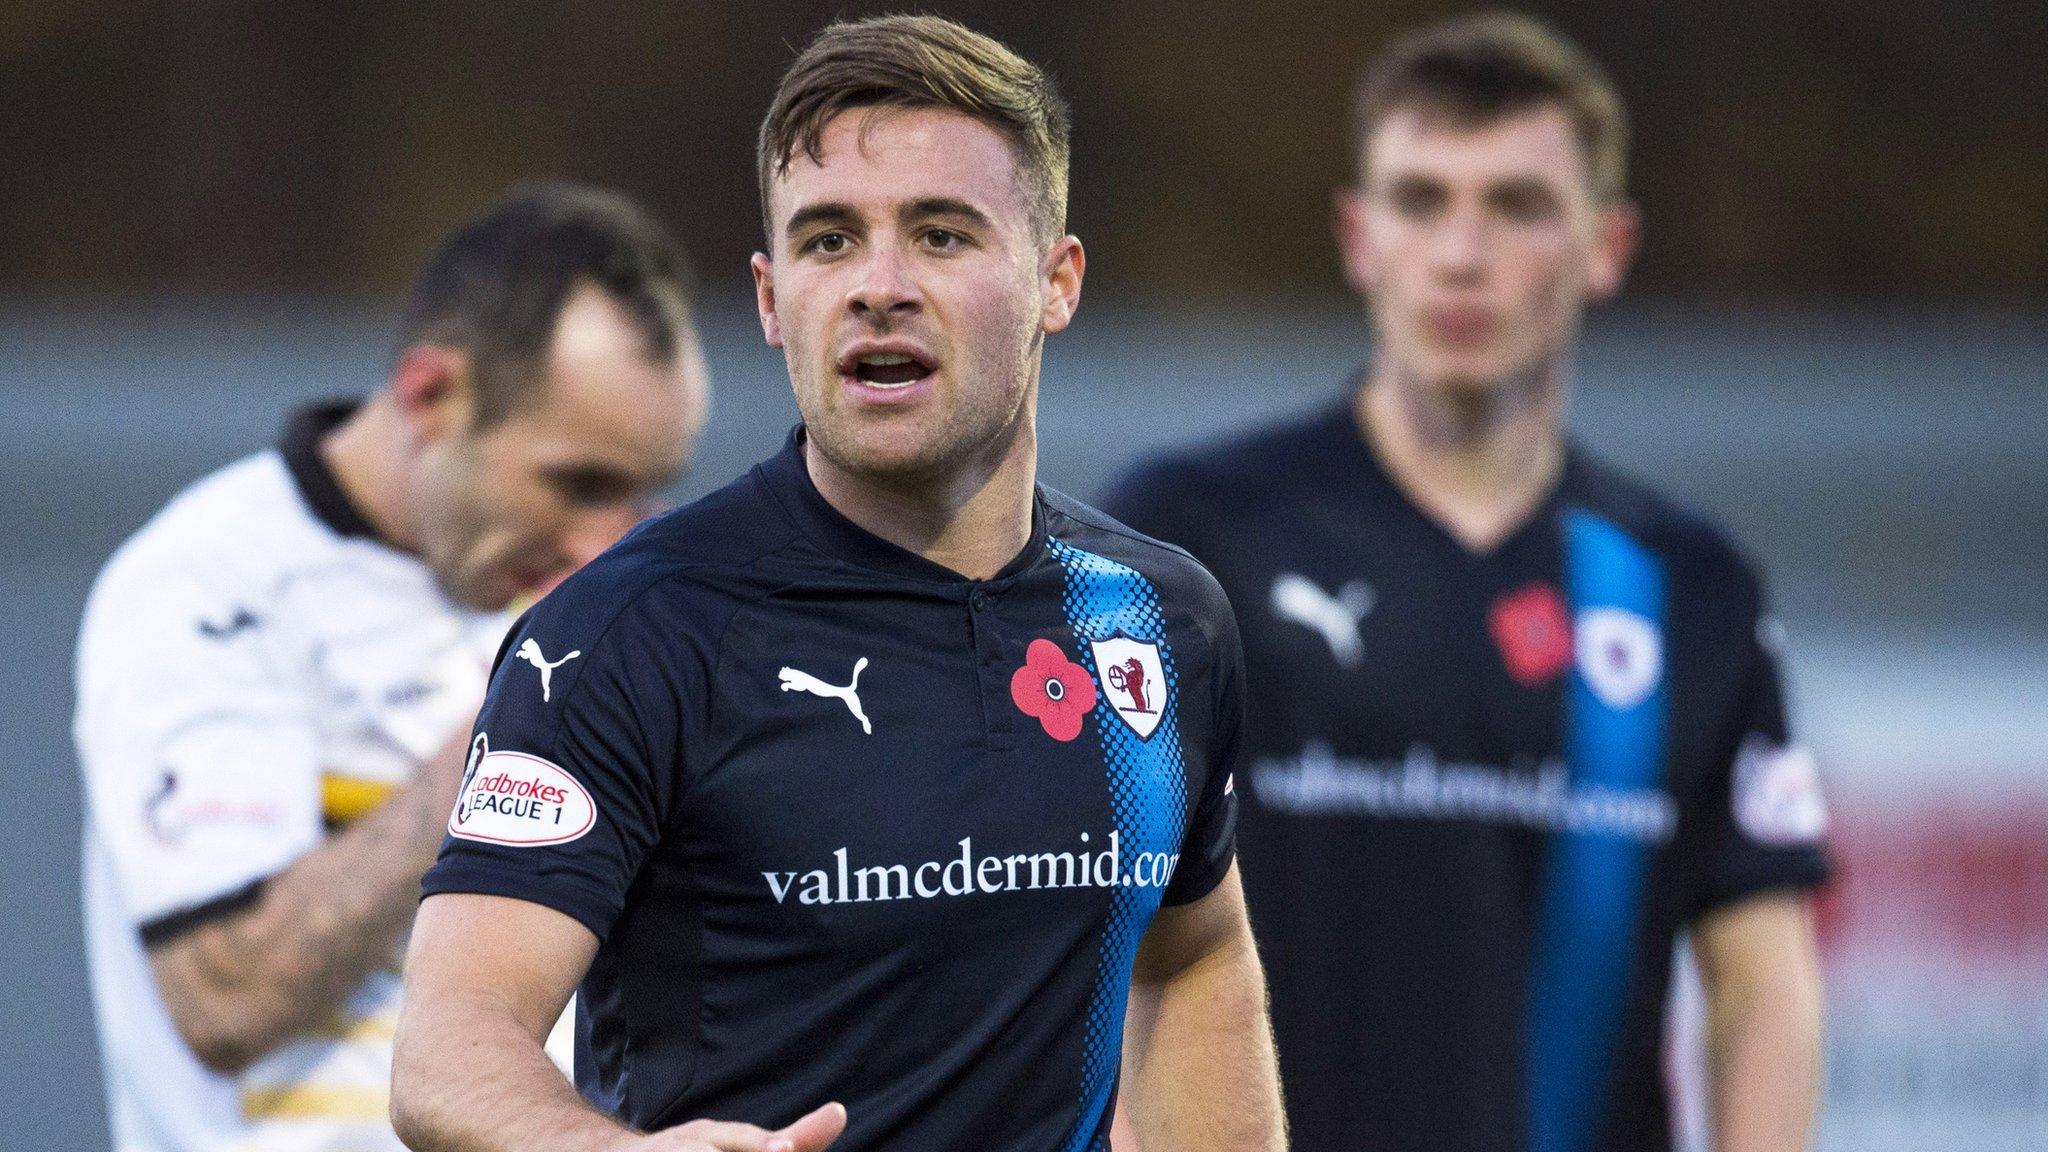 Scottish League One: Raith Rovers win as Arbroath maintain unbeaten start